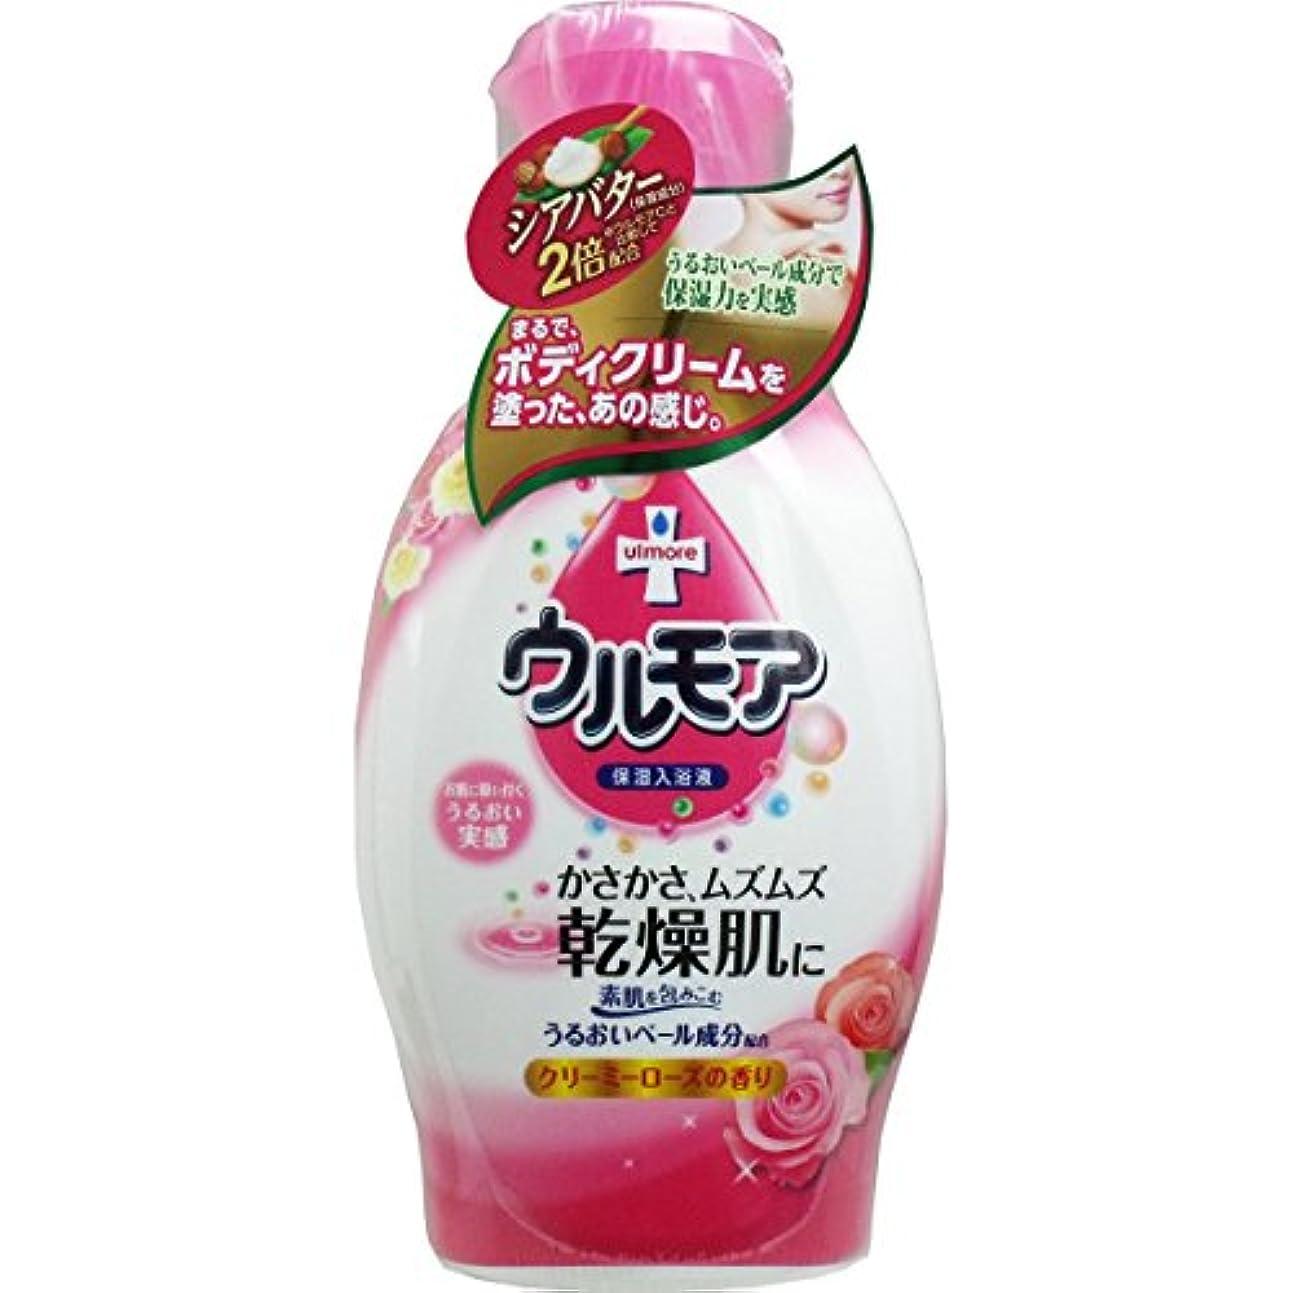 羽タイマー適合しました【アース製薬】保湿入浴液ウルモアクリーミーローズの香り 600ml ×3個セット